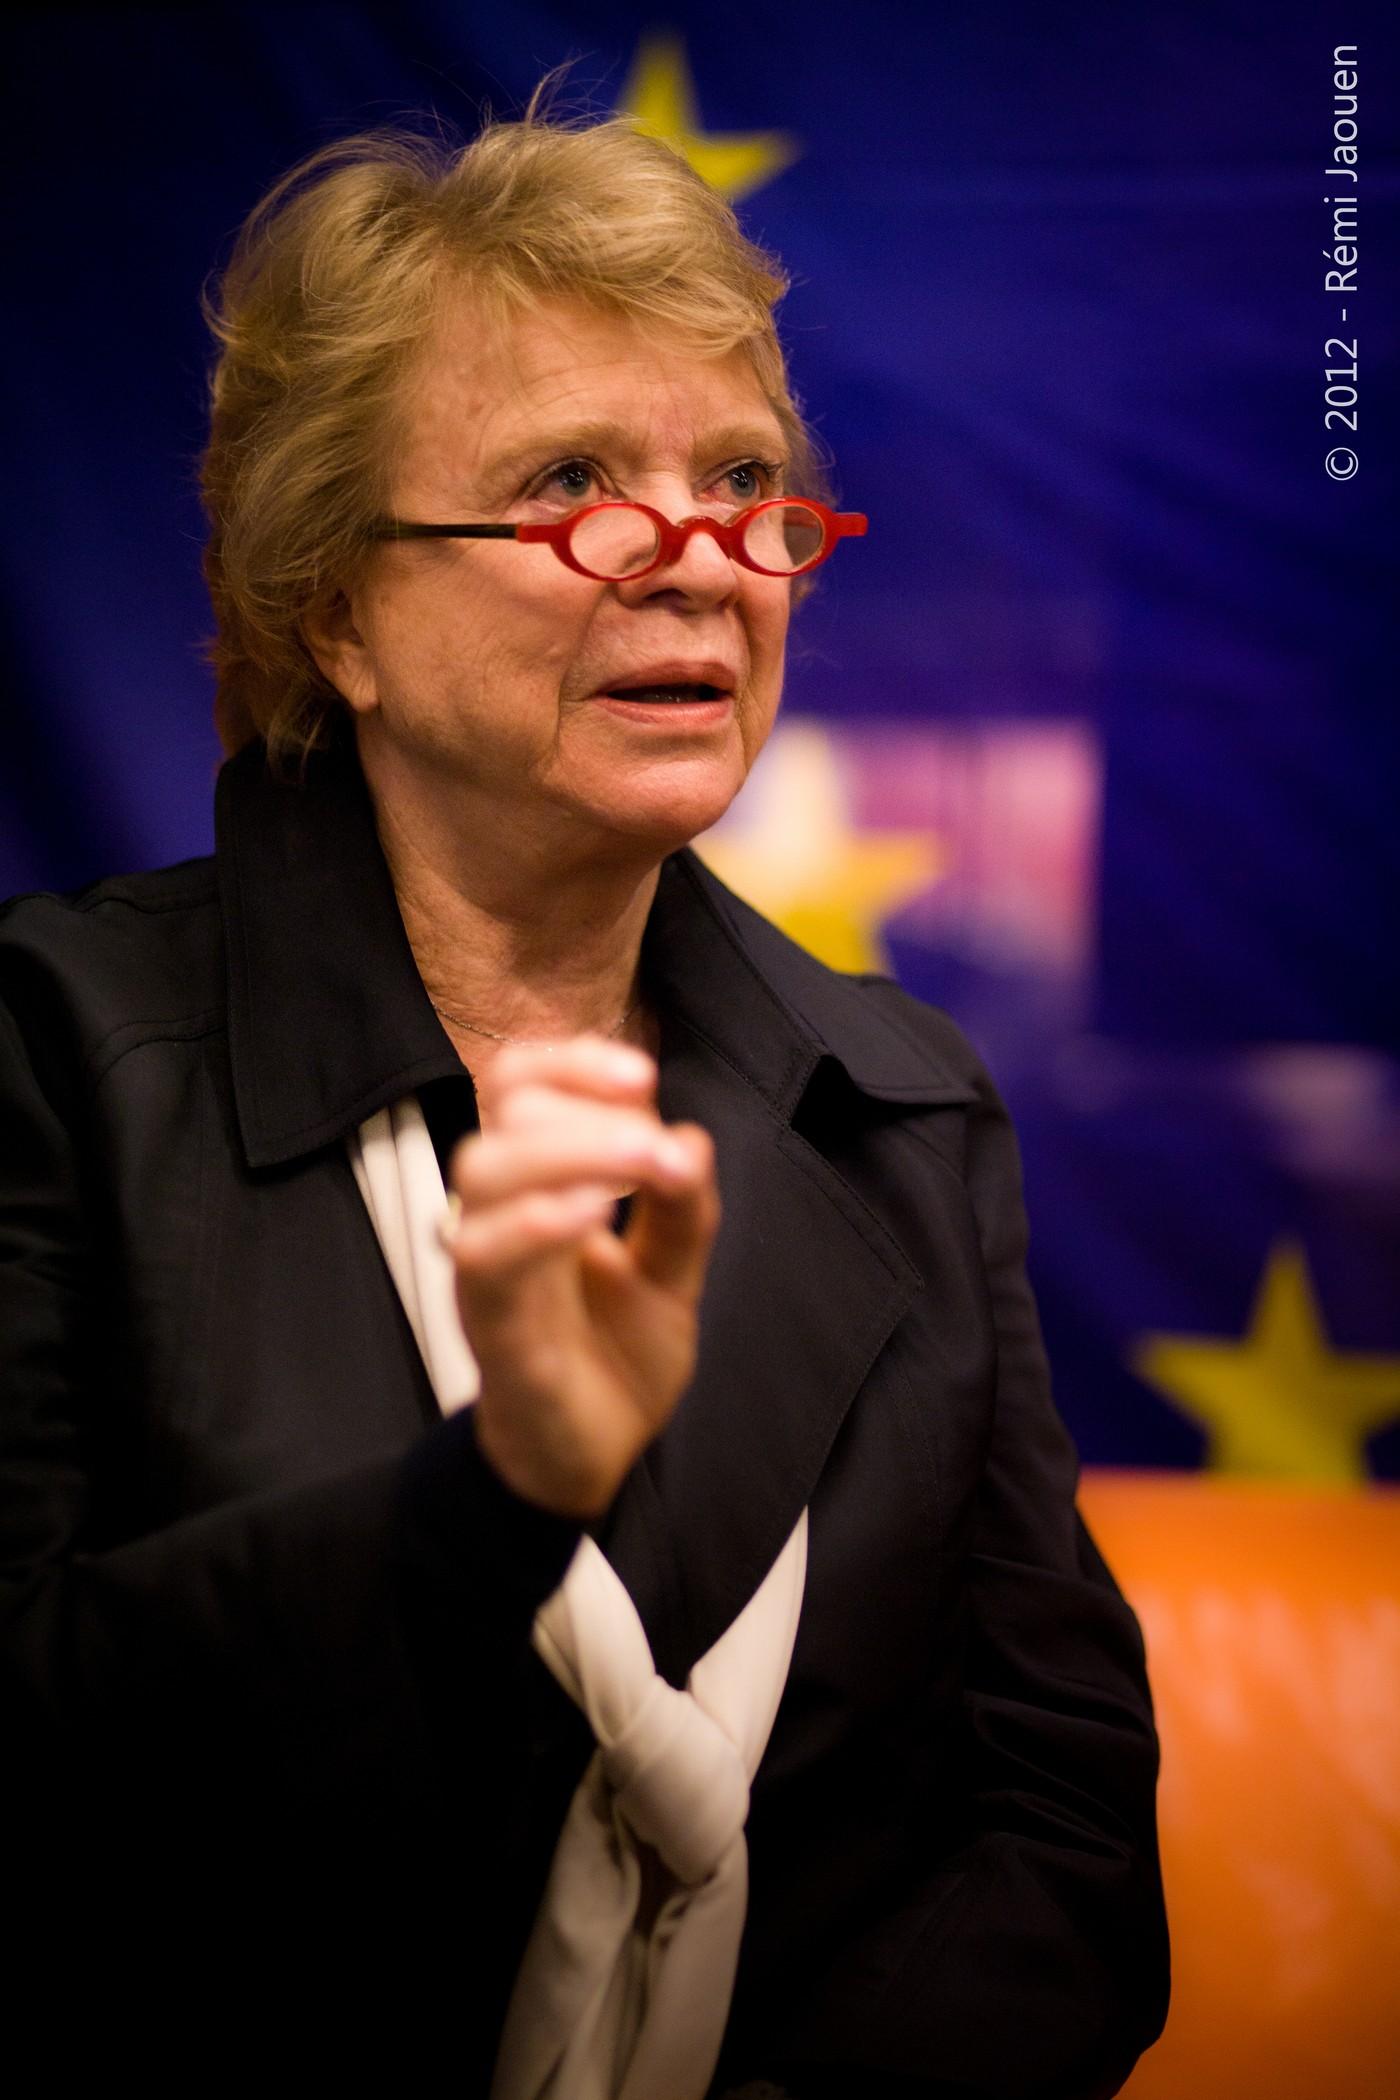 Eva Joly États Généraux de l'Europe Rémi Jaouen Reportage photo Politique Corporate